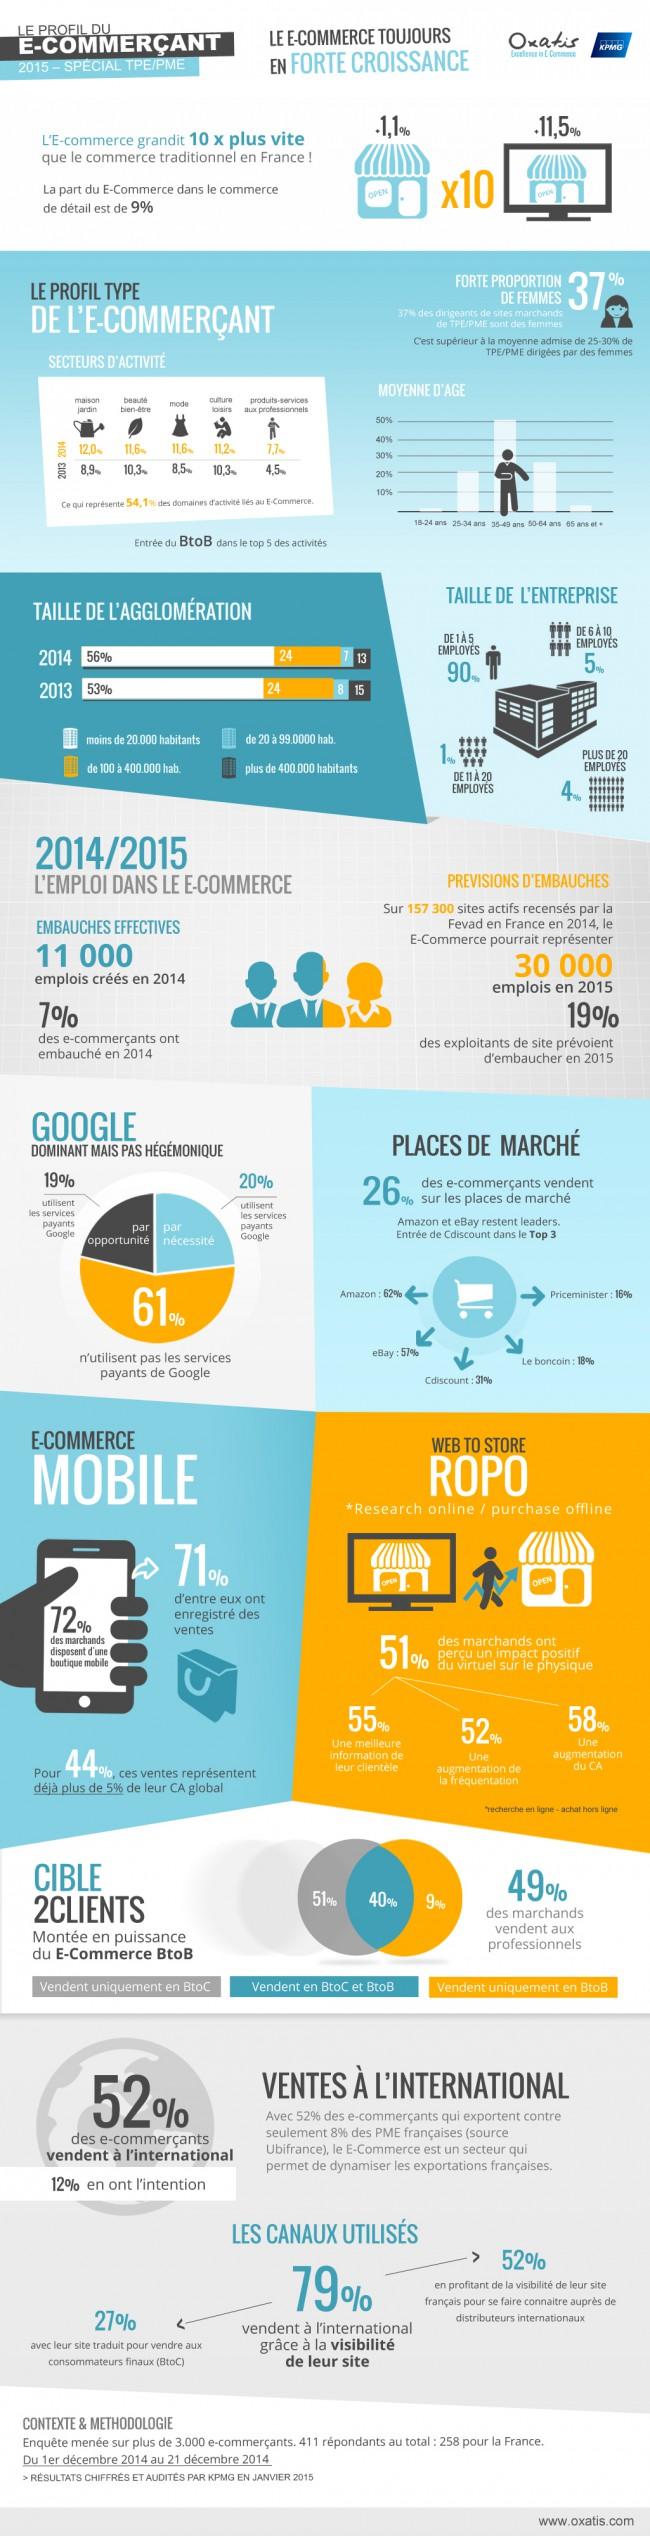 Infographie : le profil type de l'e-commerçant en 2015